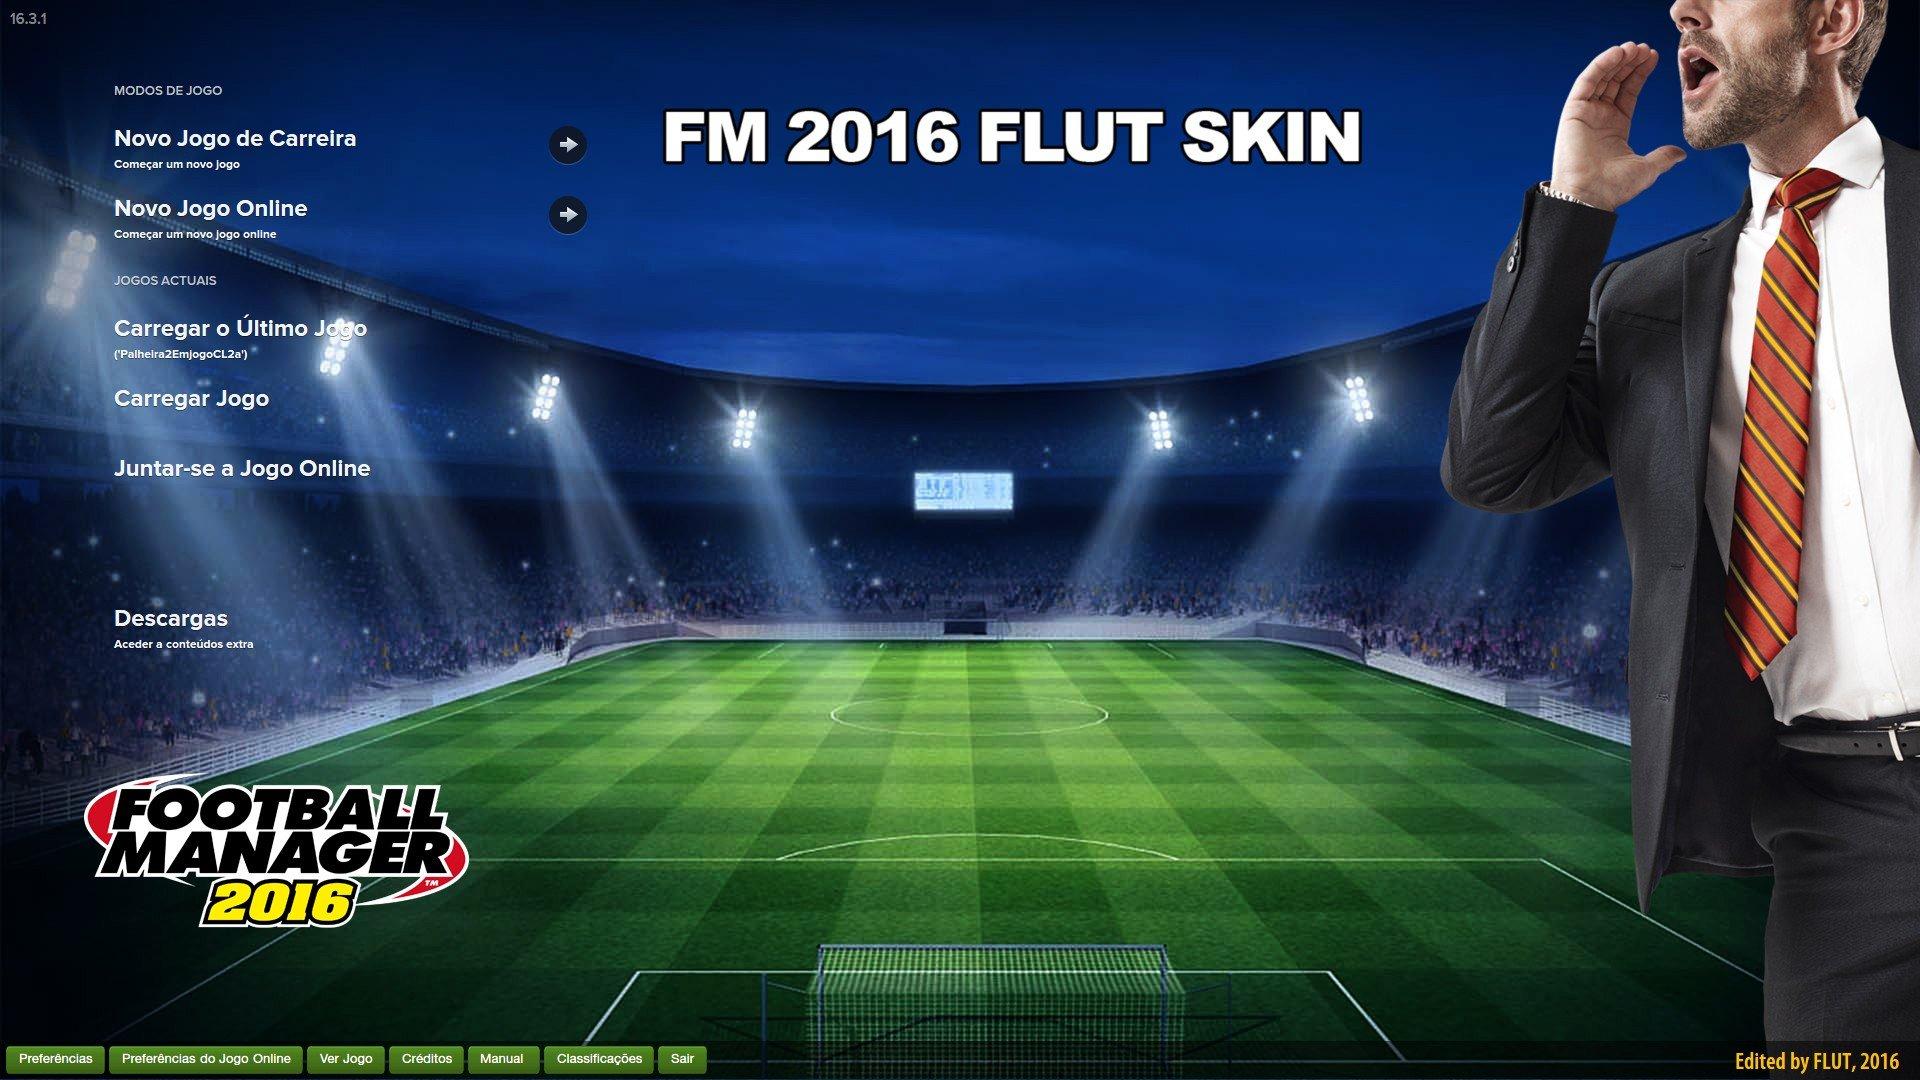 FLUT skin v2.1 (FM2016) 3bVn1